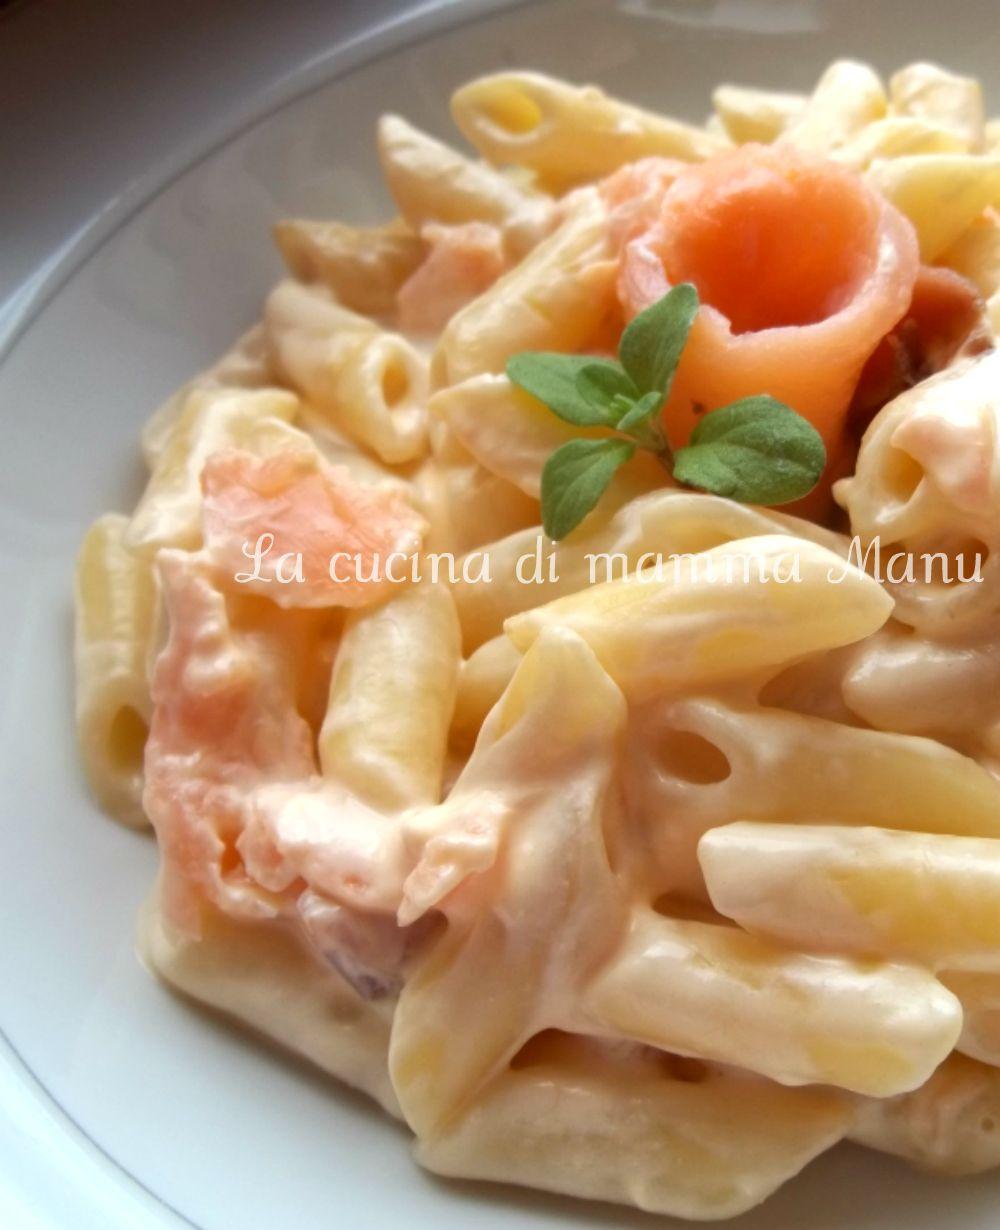 da37f32a1abbe8c8baea90caa71a81bd - Pasta Al Salmone Ricette